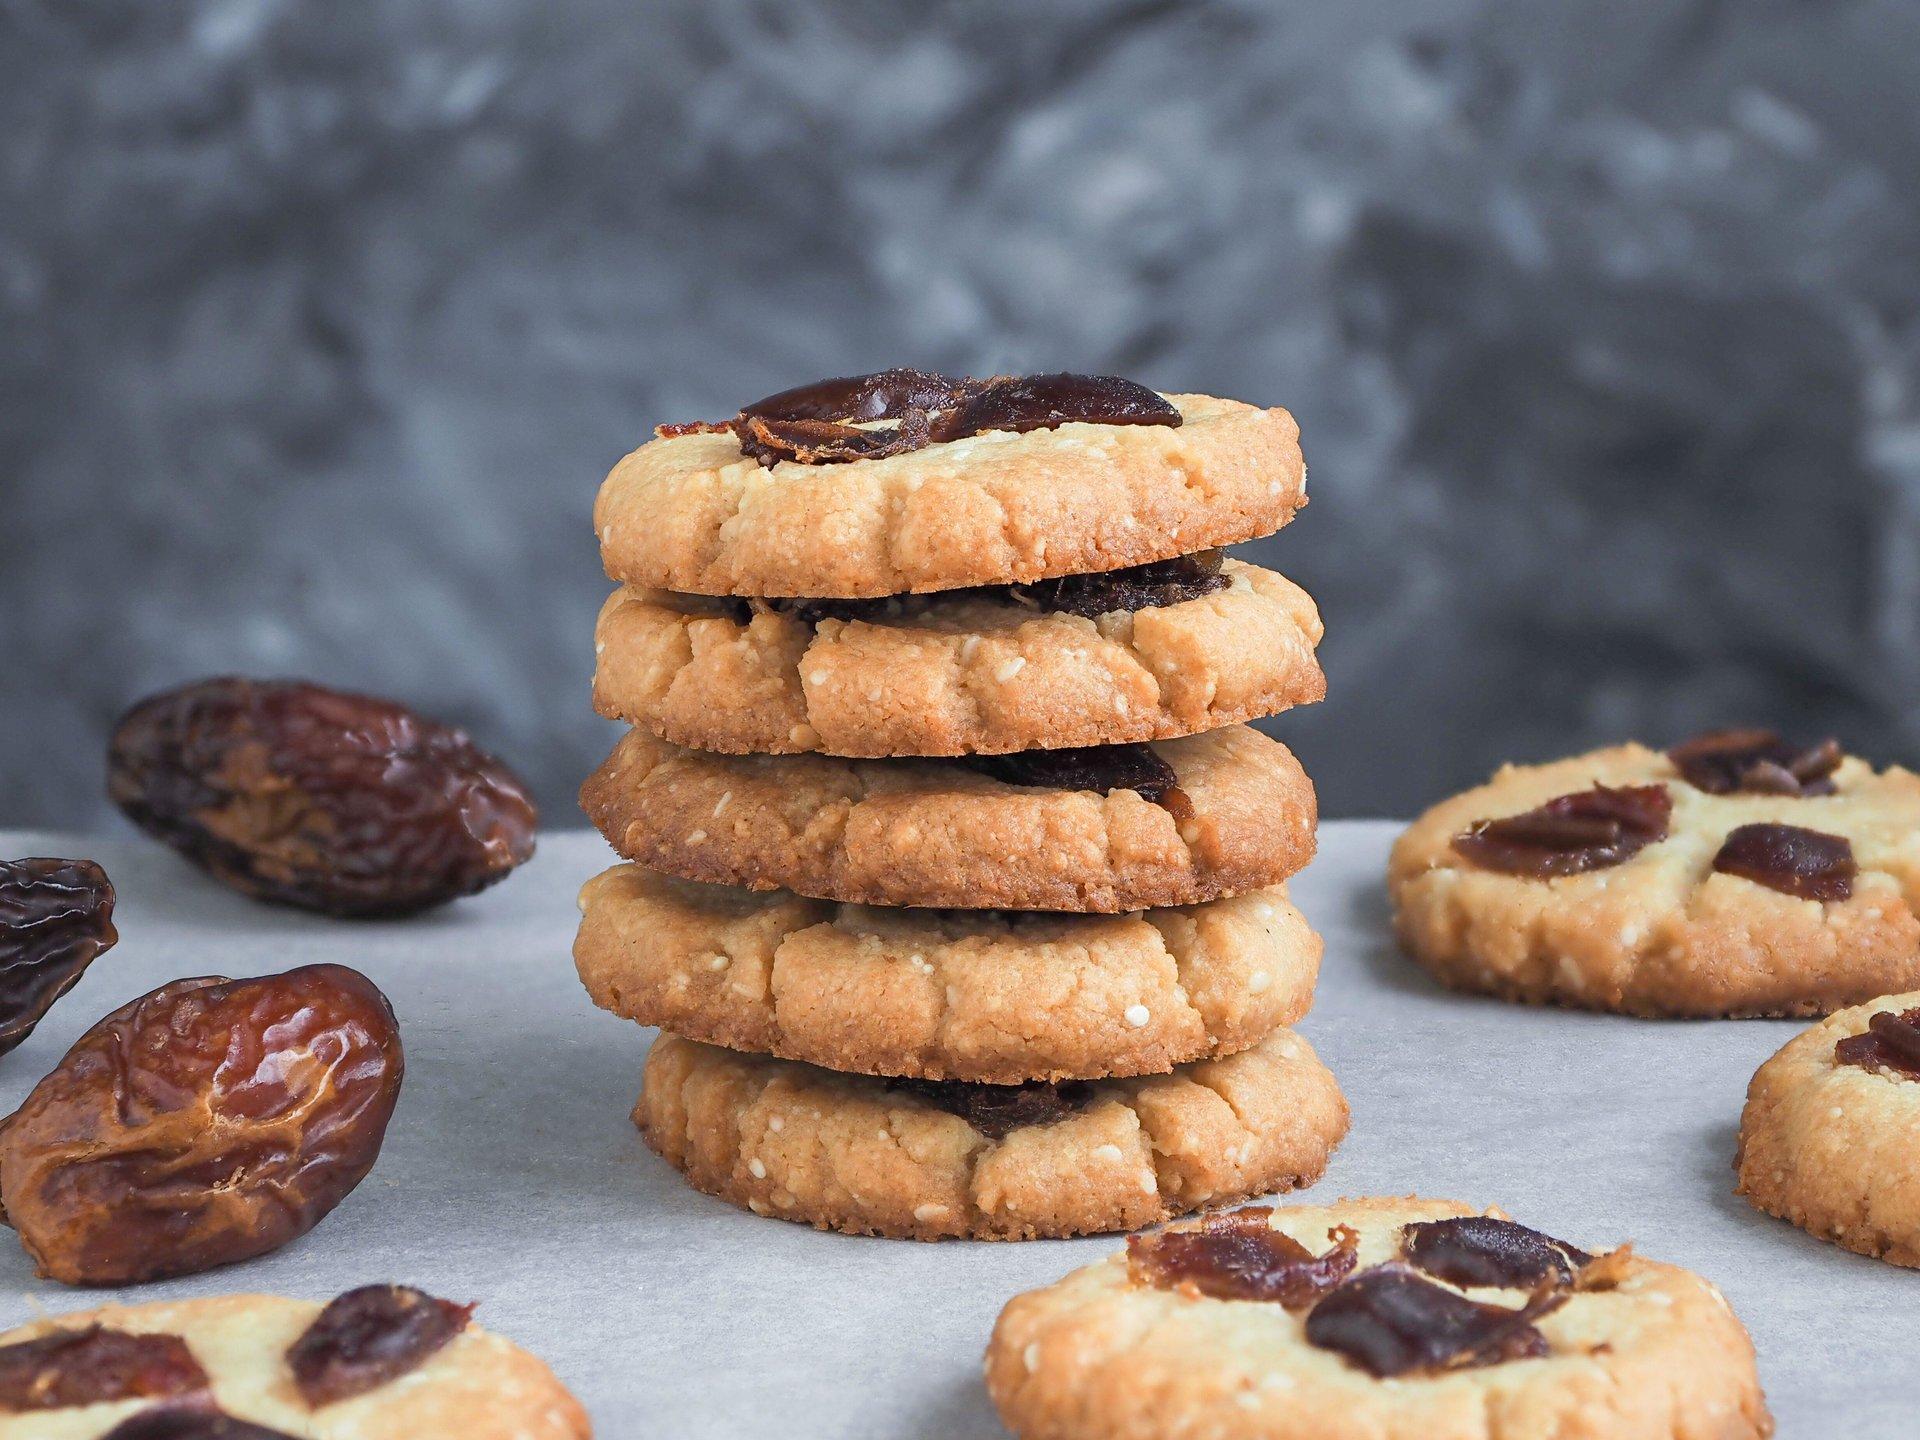 lieknėjimo sausainiai nematyti jokių svorio metimo rezultatų